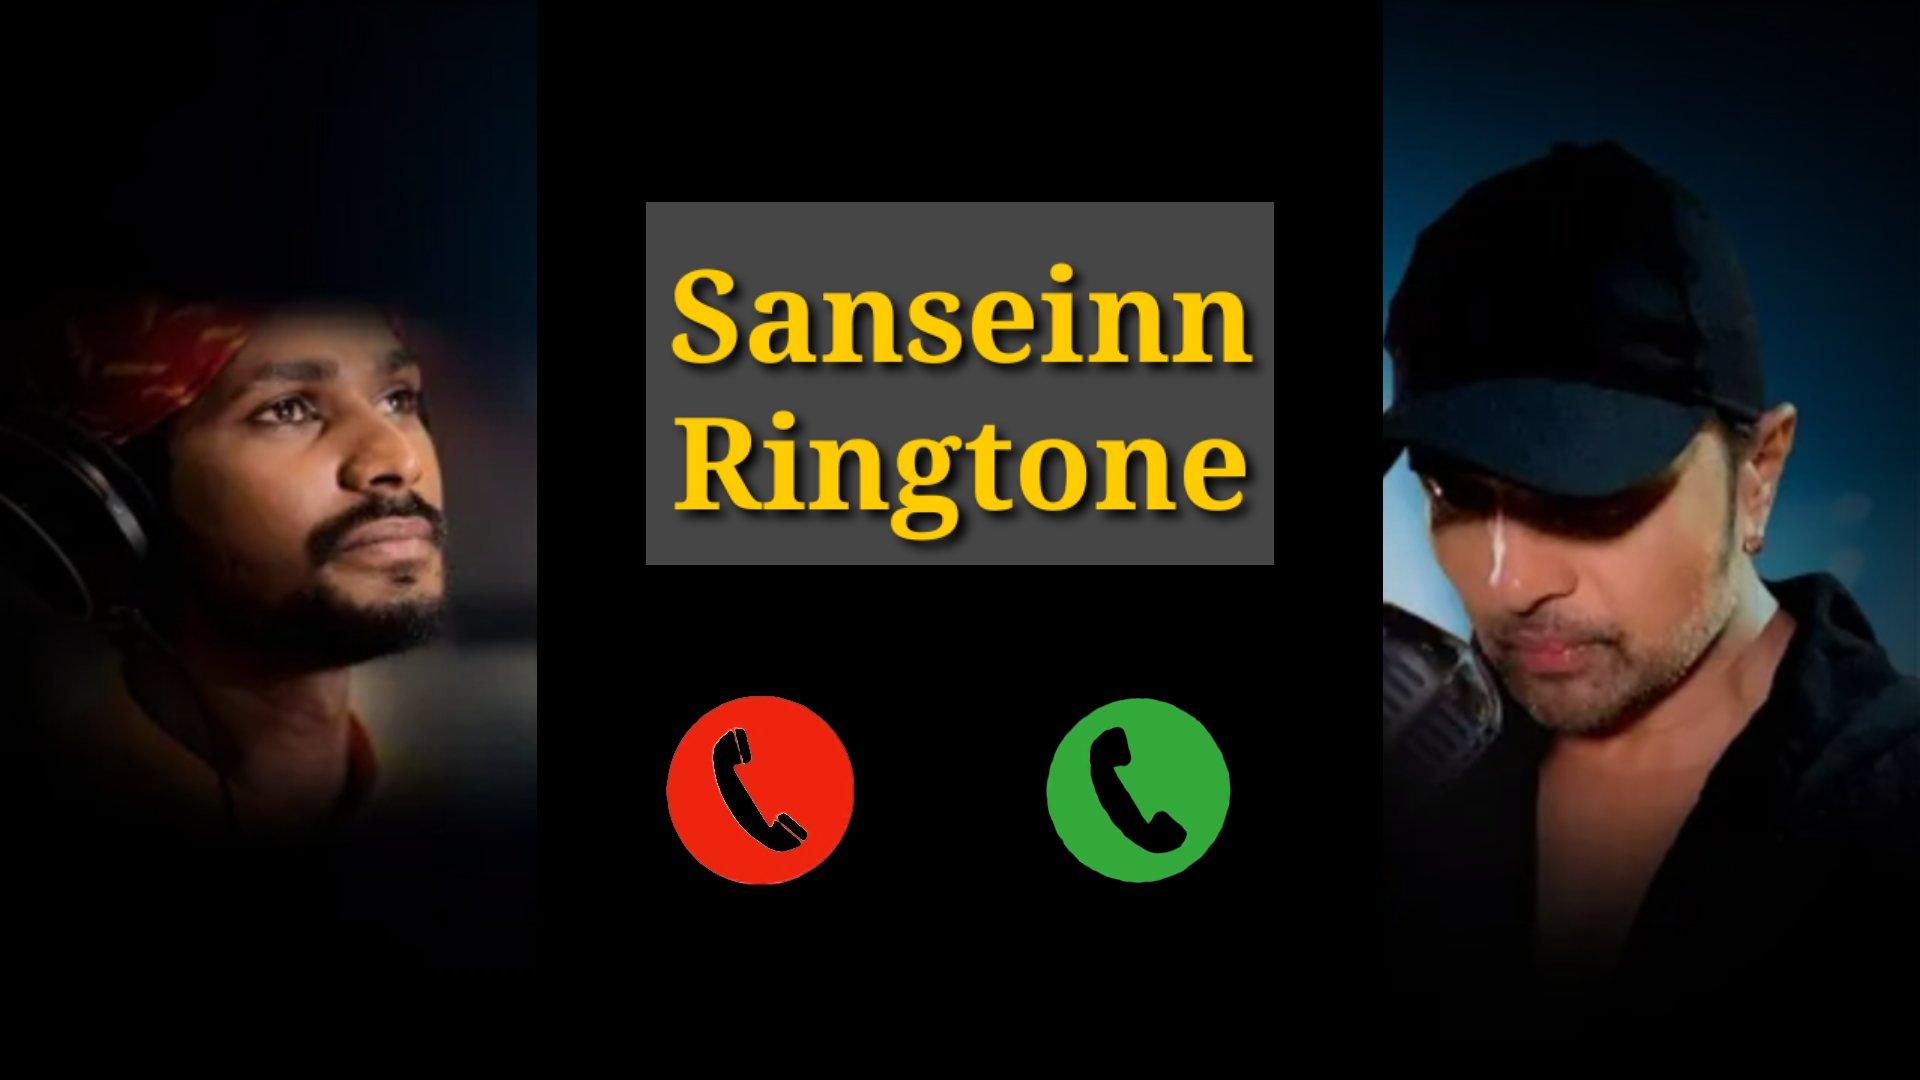 Sanseinn Mp3 Ringtone download